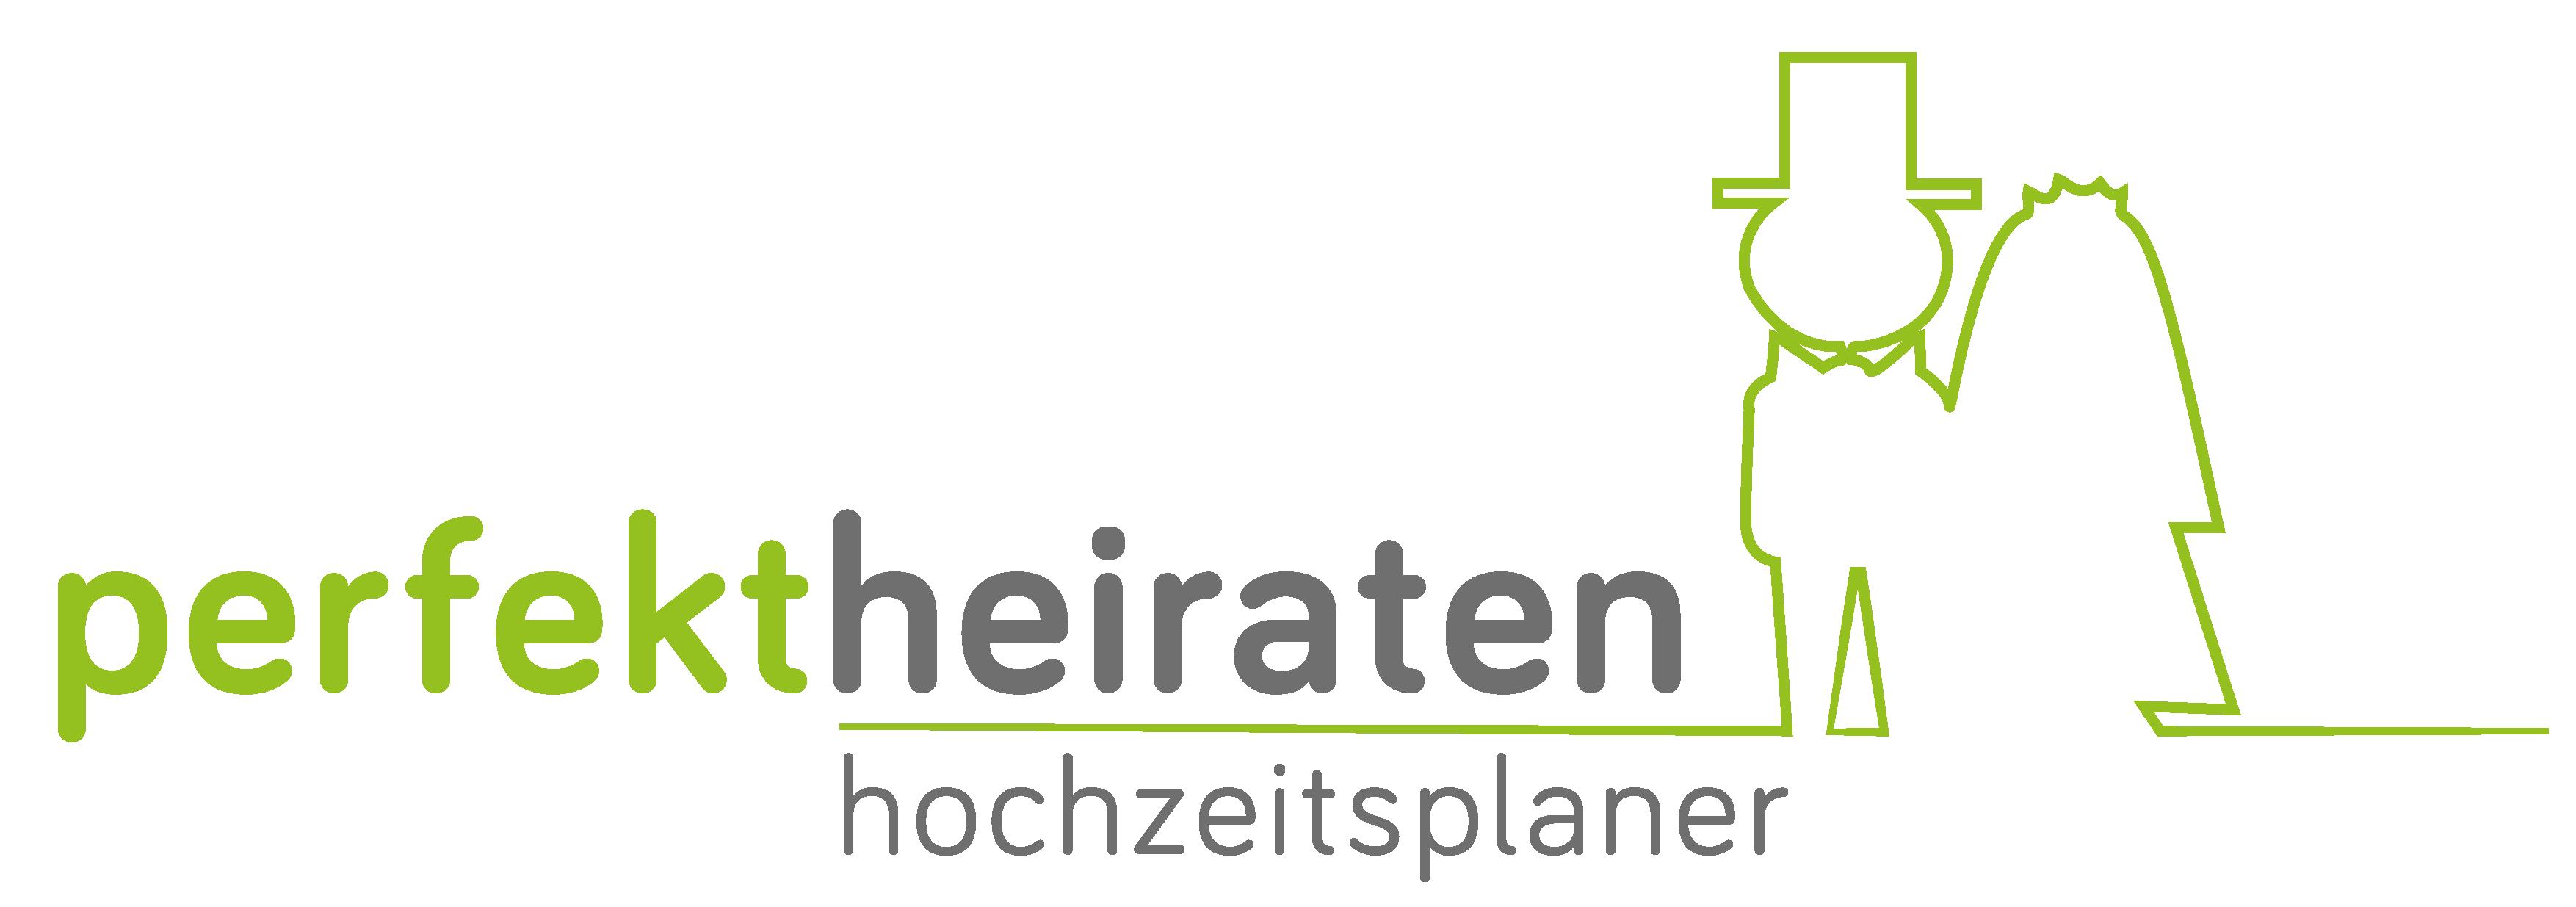 Logo_Harald_Winkler_perfektheiraten_hochzeitsplaner